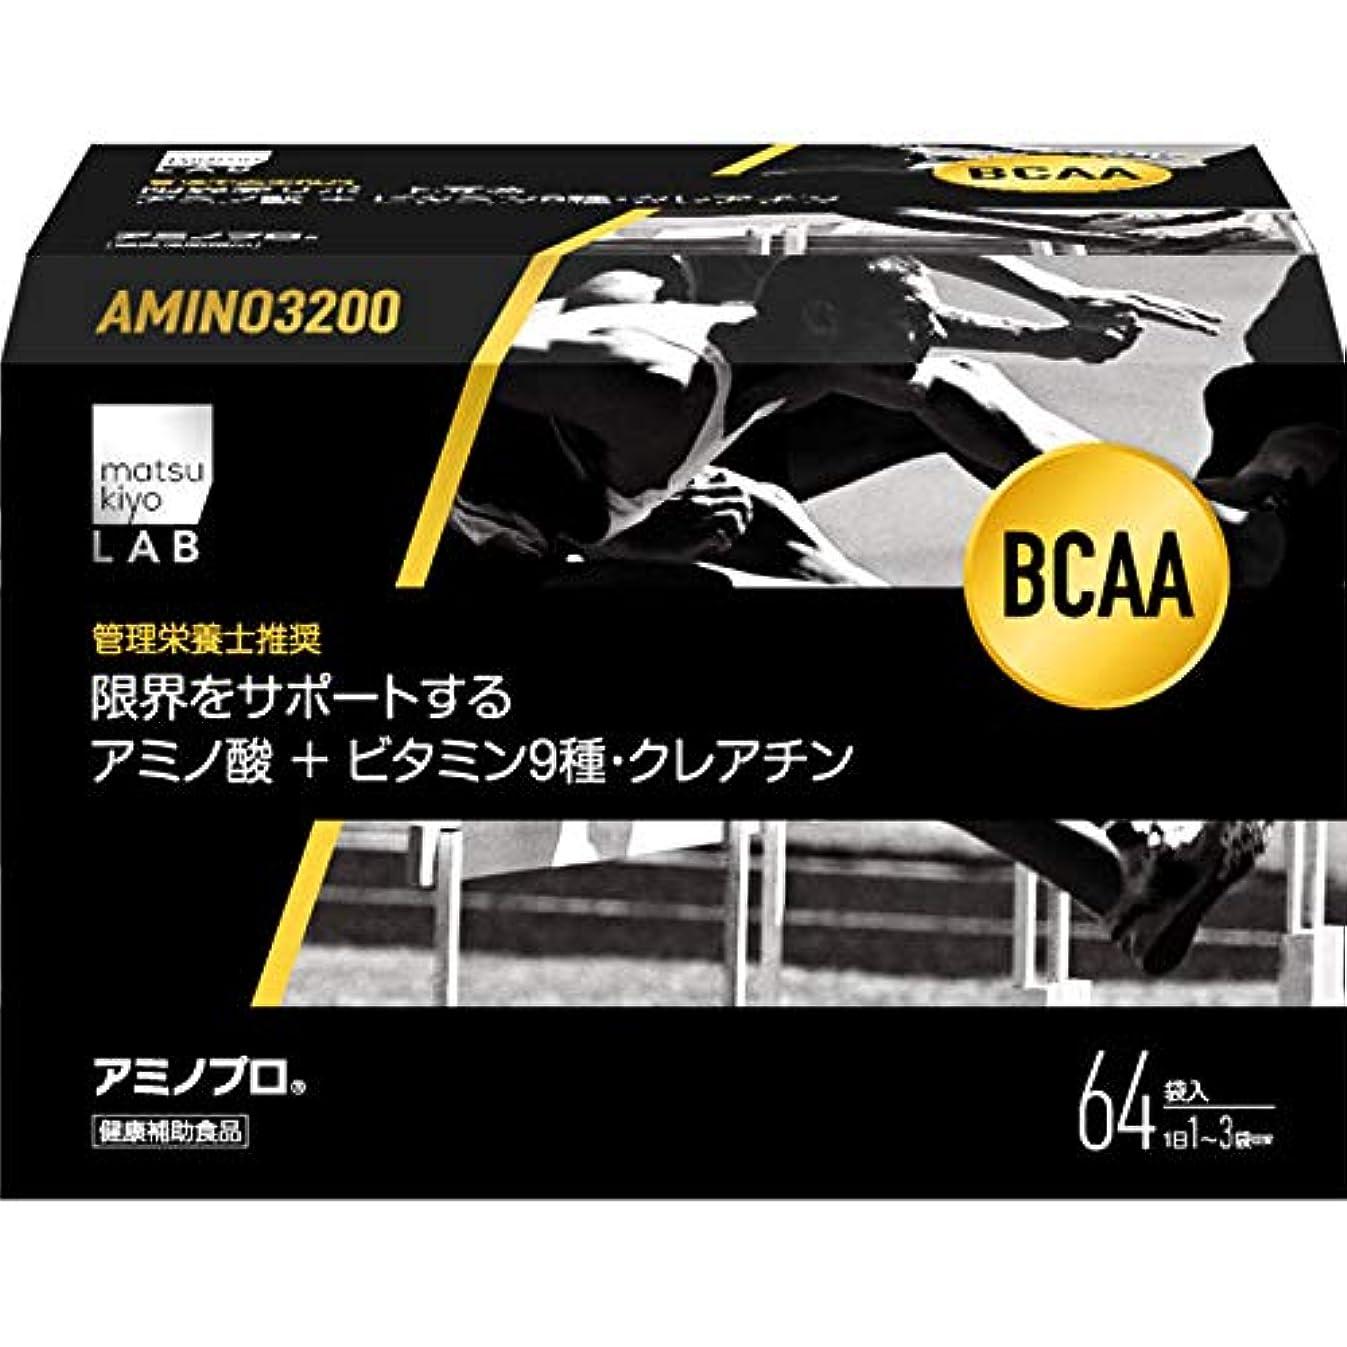 ヤング嬉しいですヒロインmatsukiyo LAB アミノプロ 64包